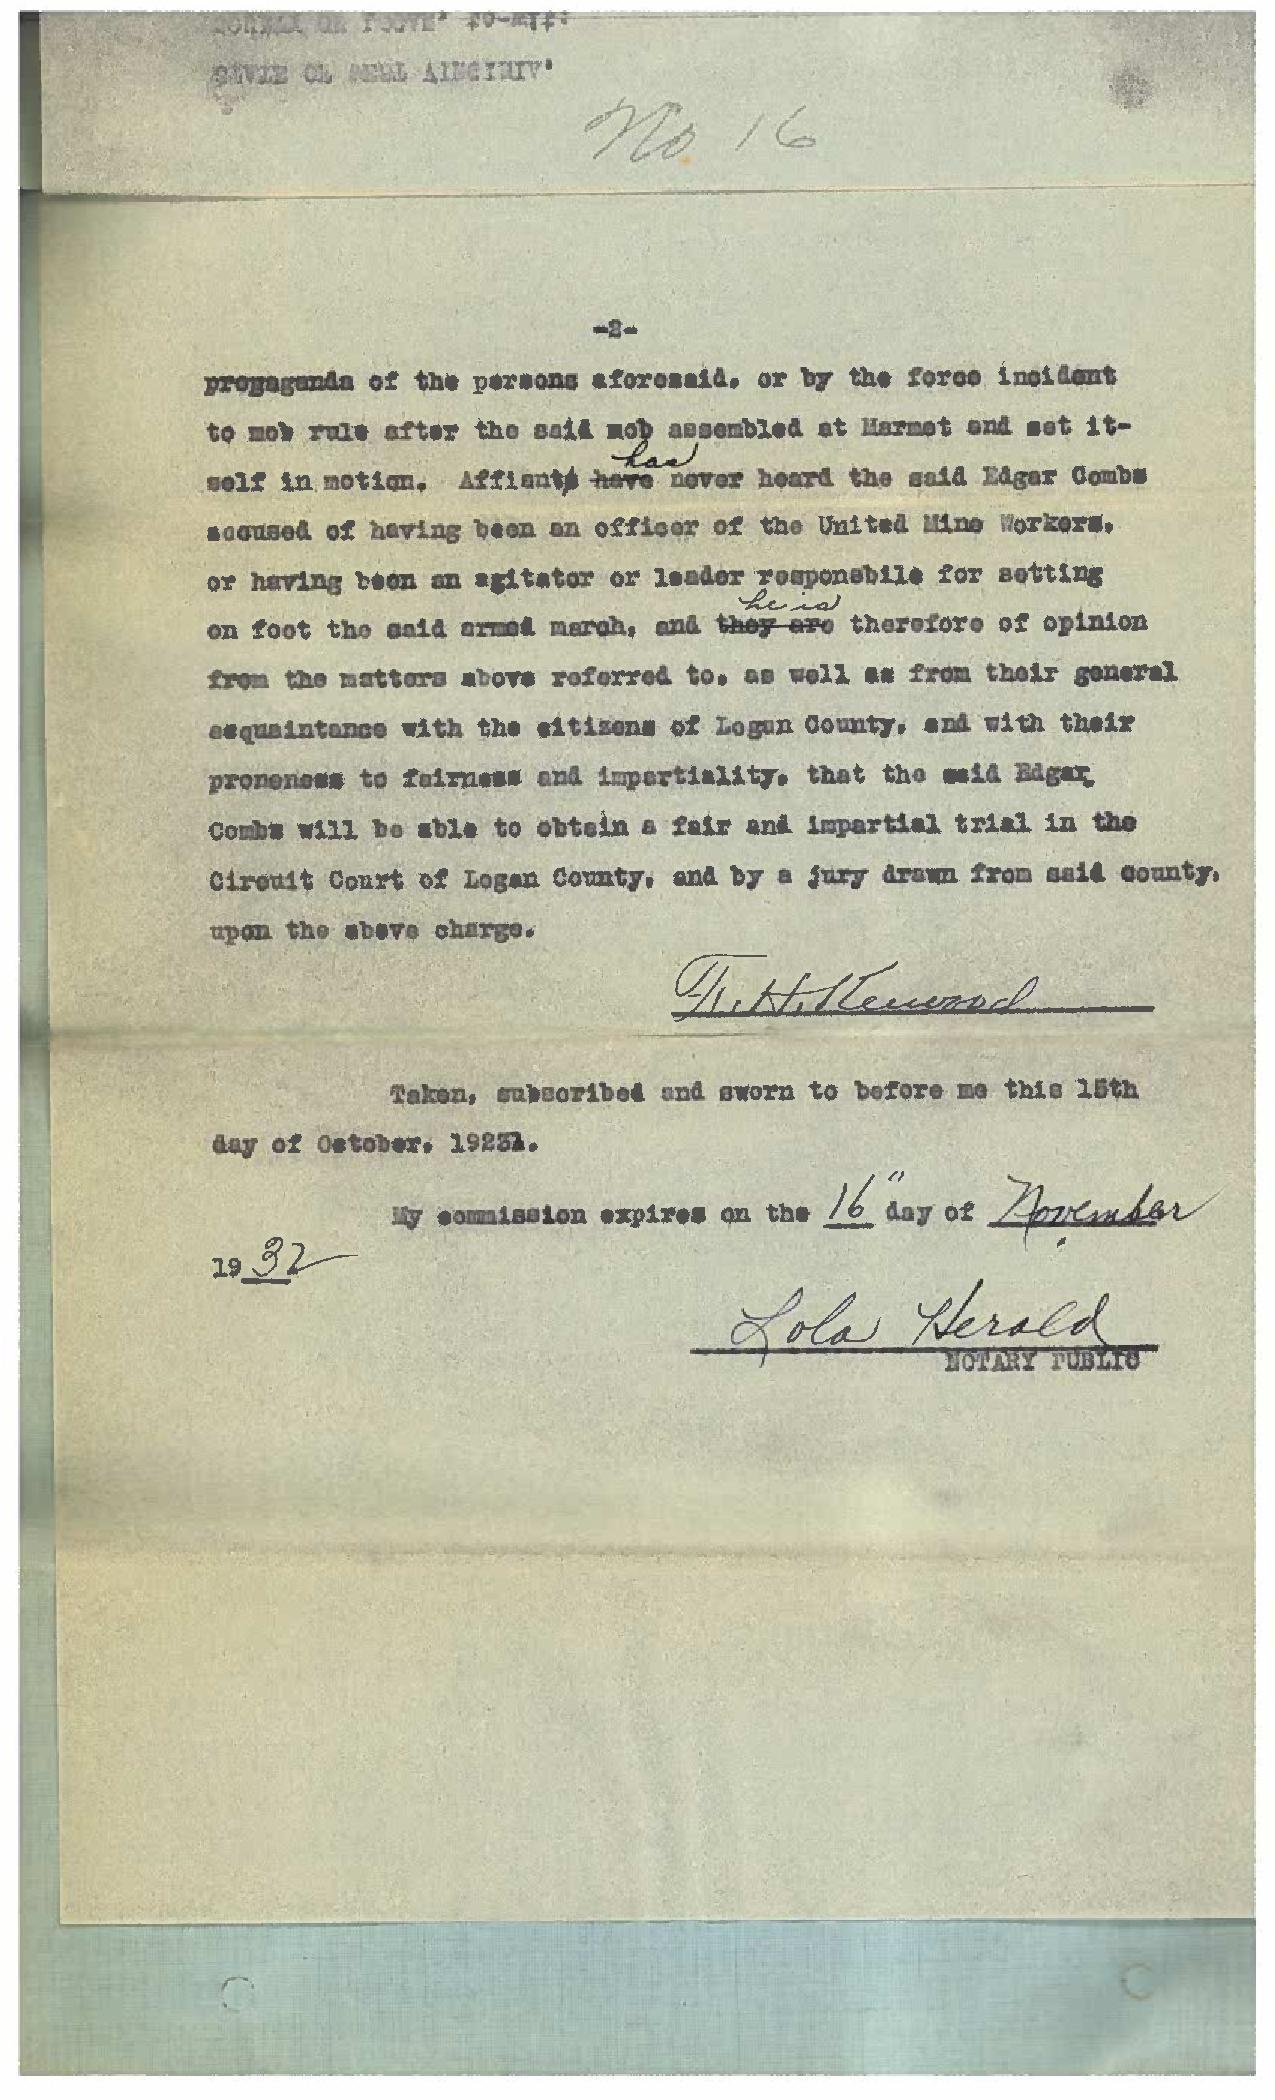 Document 16-2